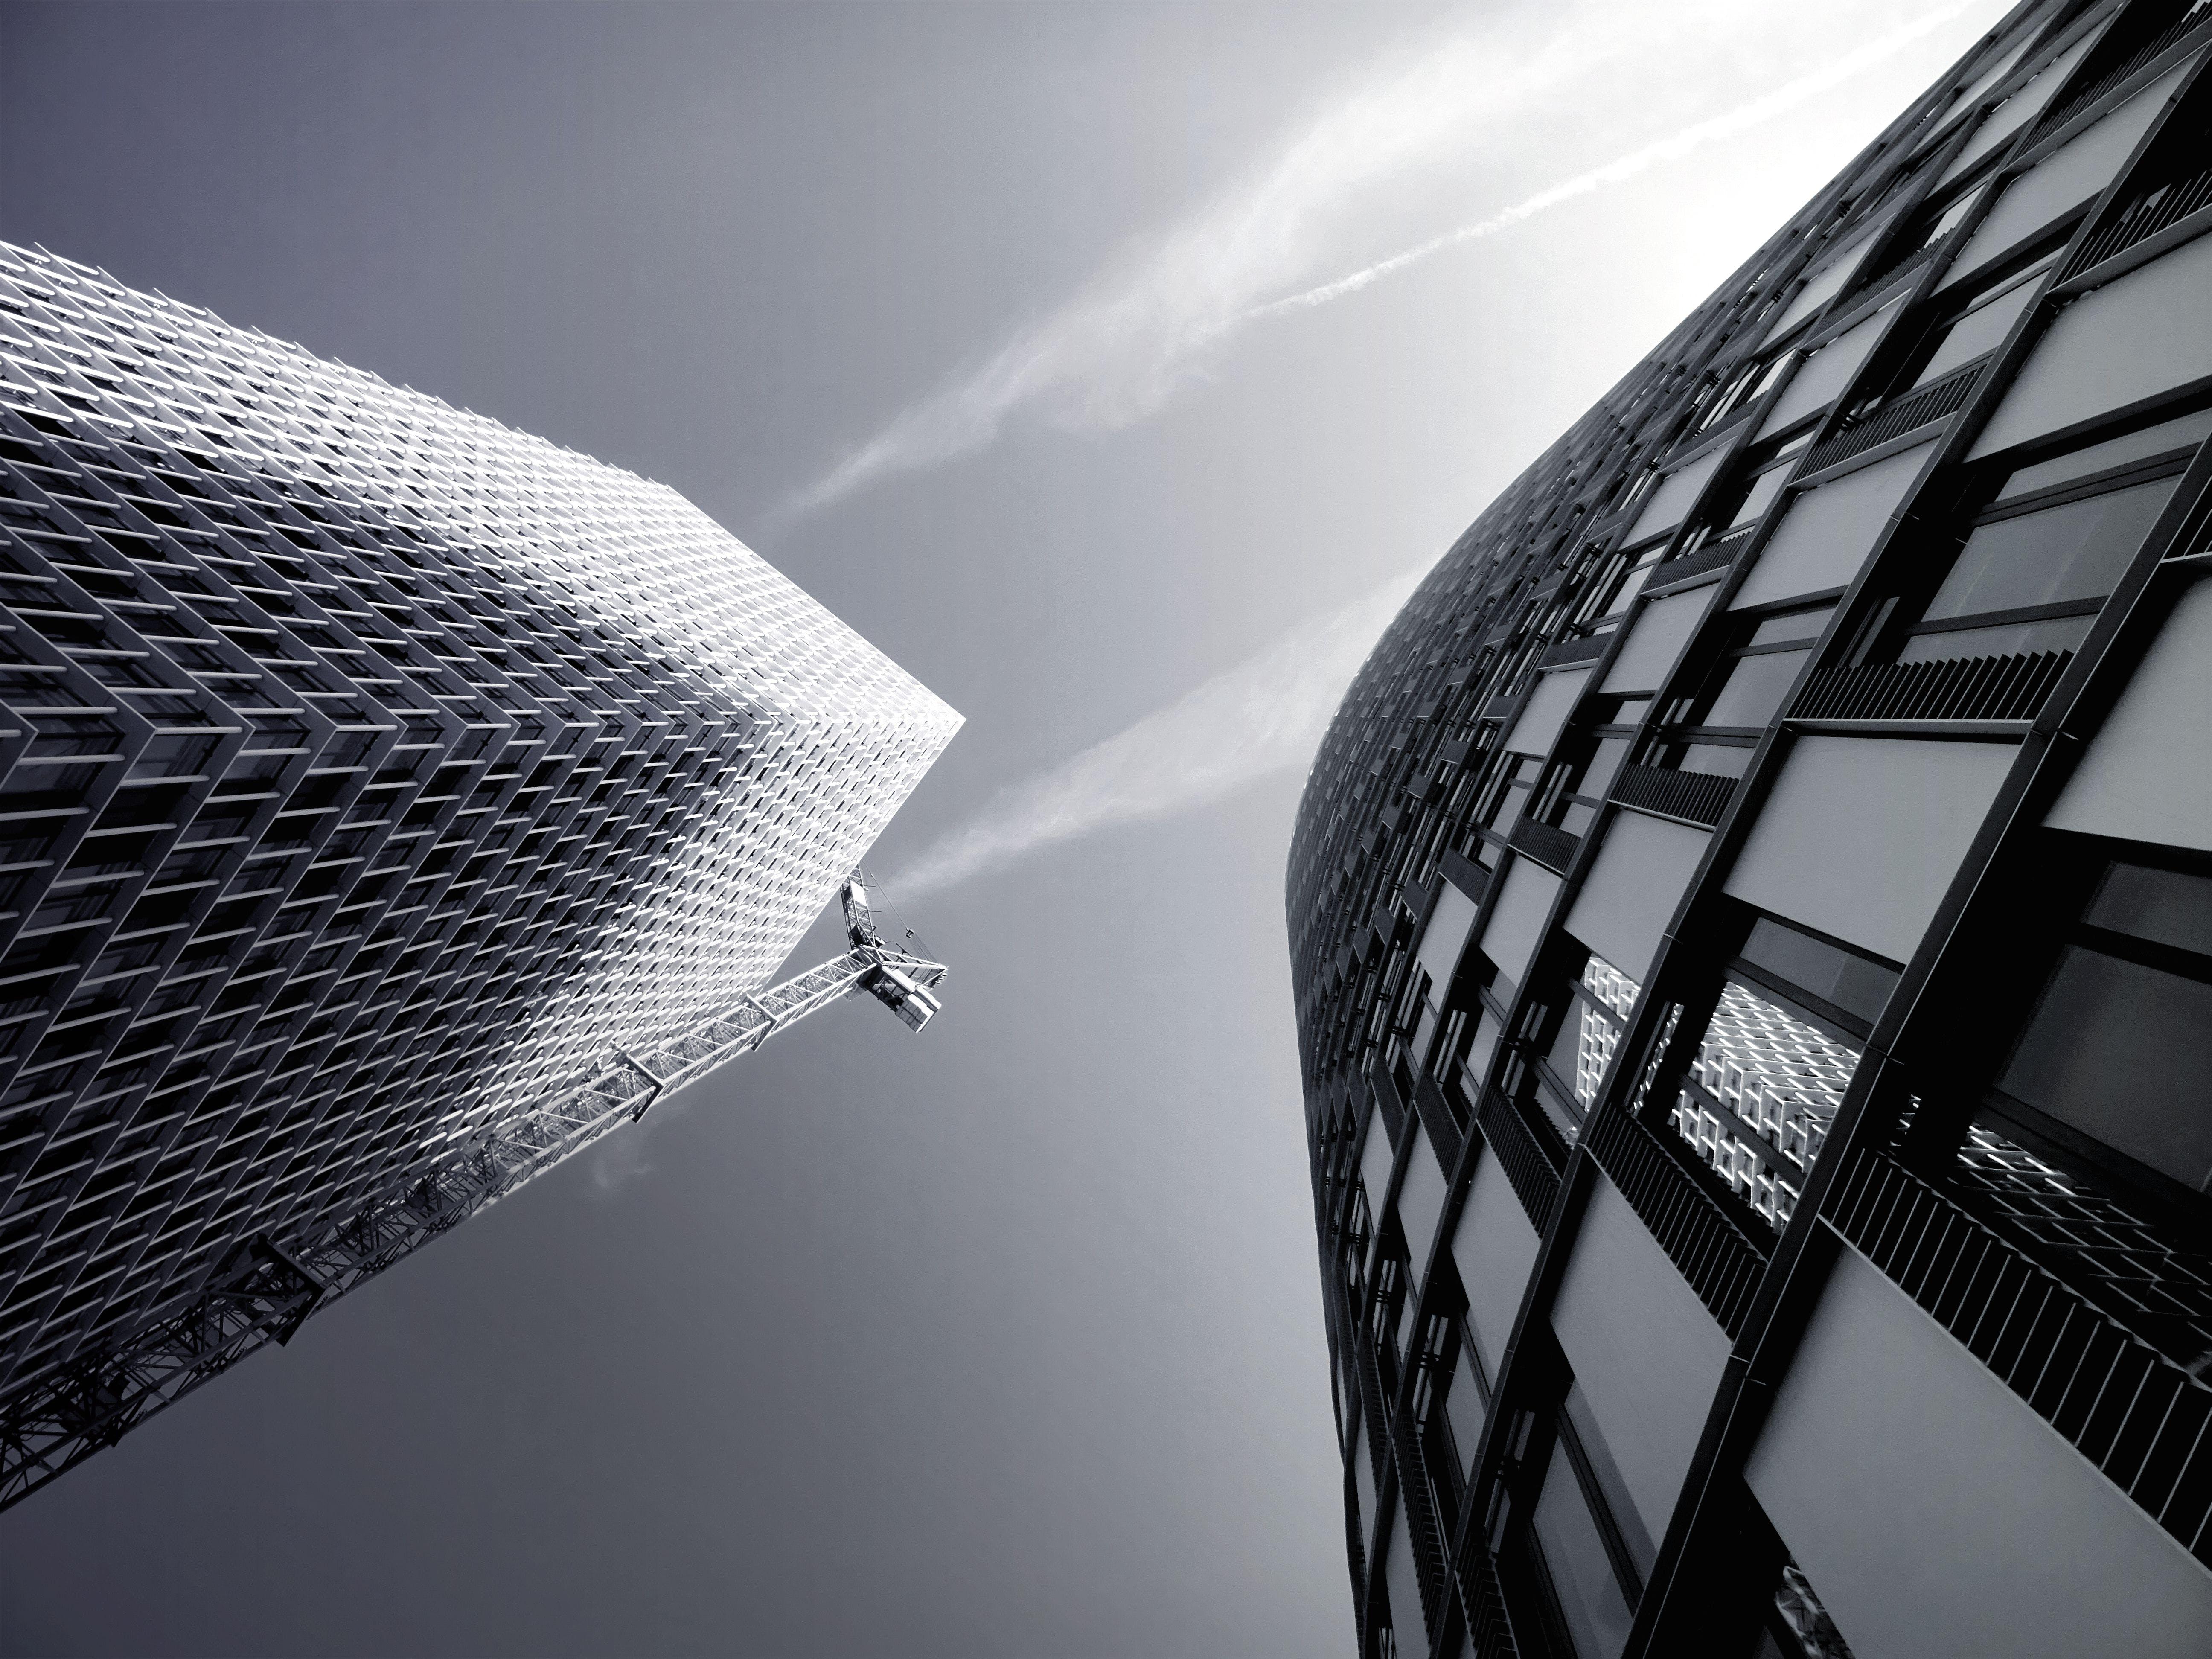 Kostenloses Stock Foto zu architektur, aufnahme von unten, büro, fenster